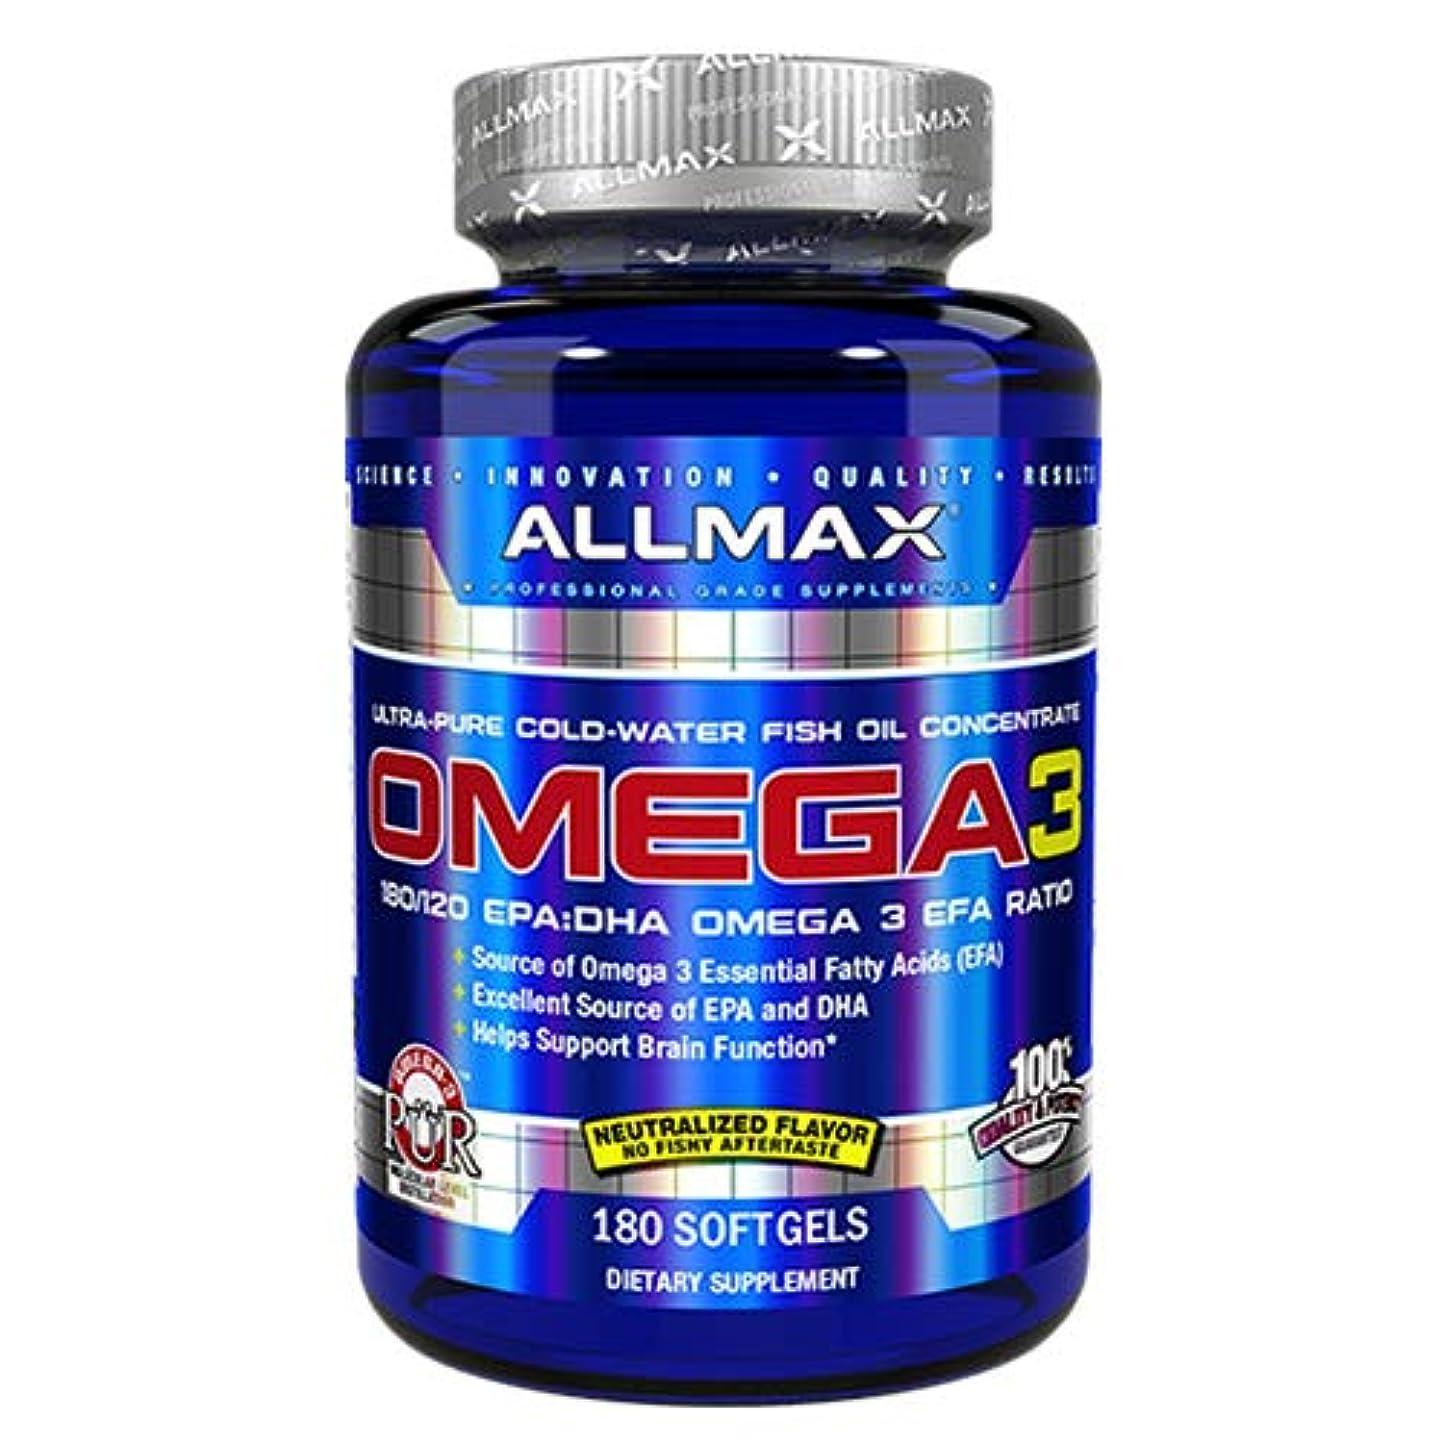 マイクロフォン人事靴オメガ3 1000mg 180粒 Allmax Nutrition(オールマックスニュートリション)[海外直送品]